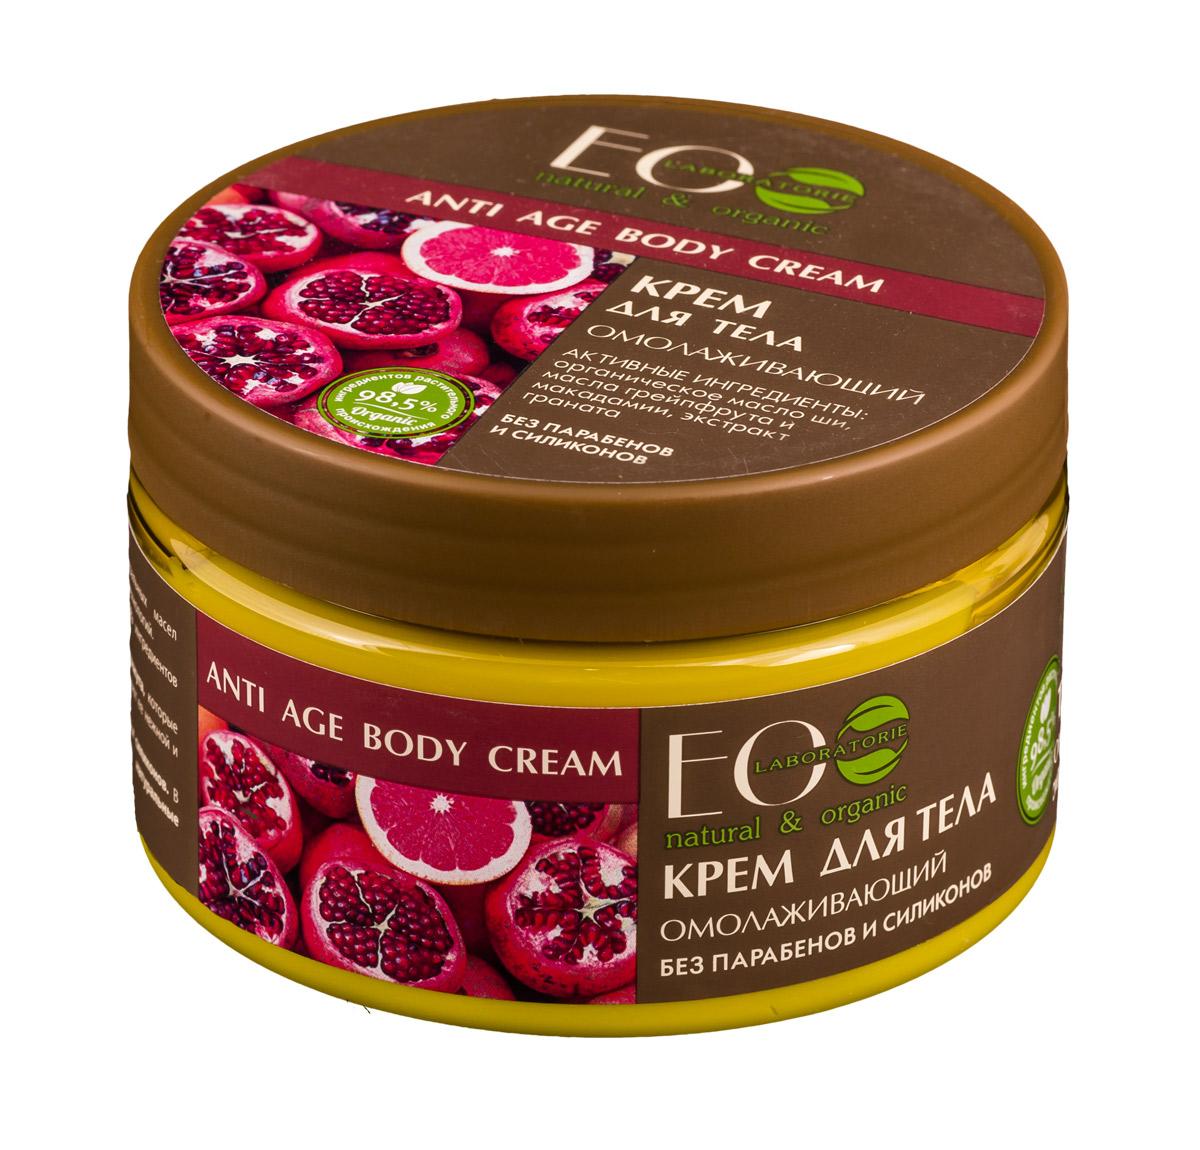 EO laboratorie Крем для тела Омолаживающий 250 мл4627089430601Помогает удерживать влагу в коже, что предотвращает ее от преждевременного старения, придает ей эластичность, улучшает общее состояние кожи. Насыщает кожу витаминами и полезными веществами, делает ее подтянутой и ухоженной. Активные ингредиенты: масло грейпфрута, ши, кунжута, макадамии, экстракт граната